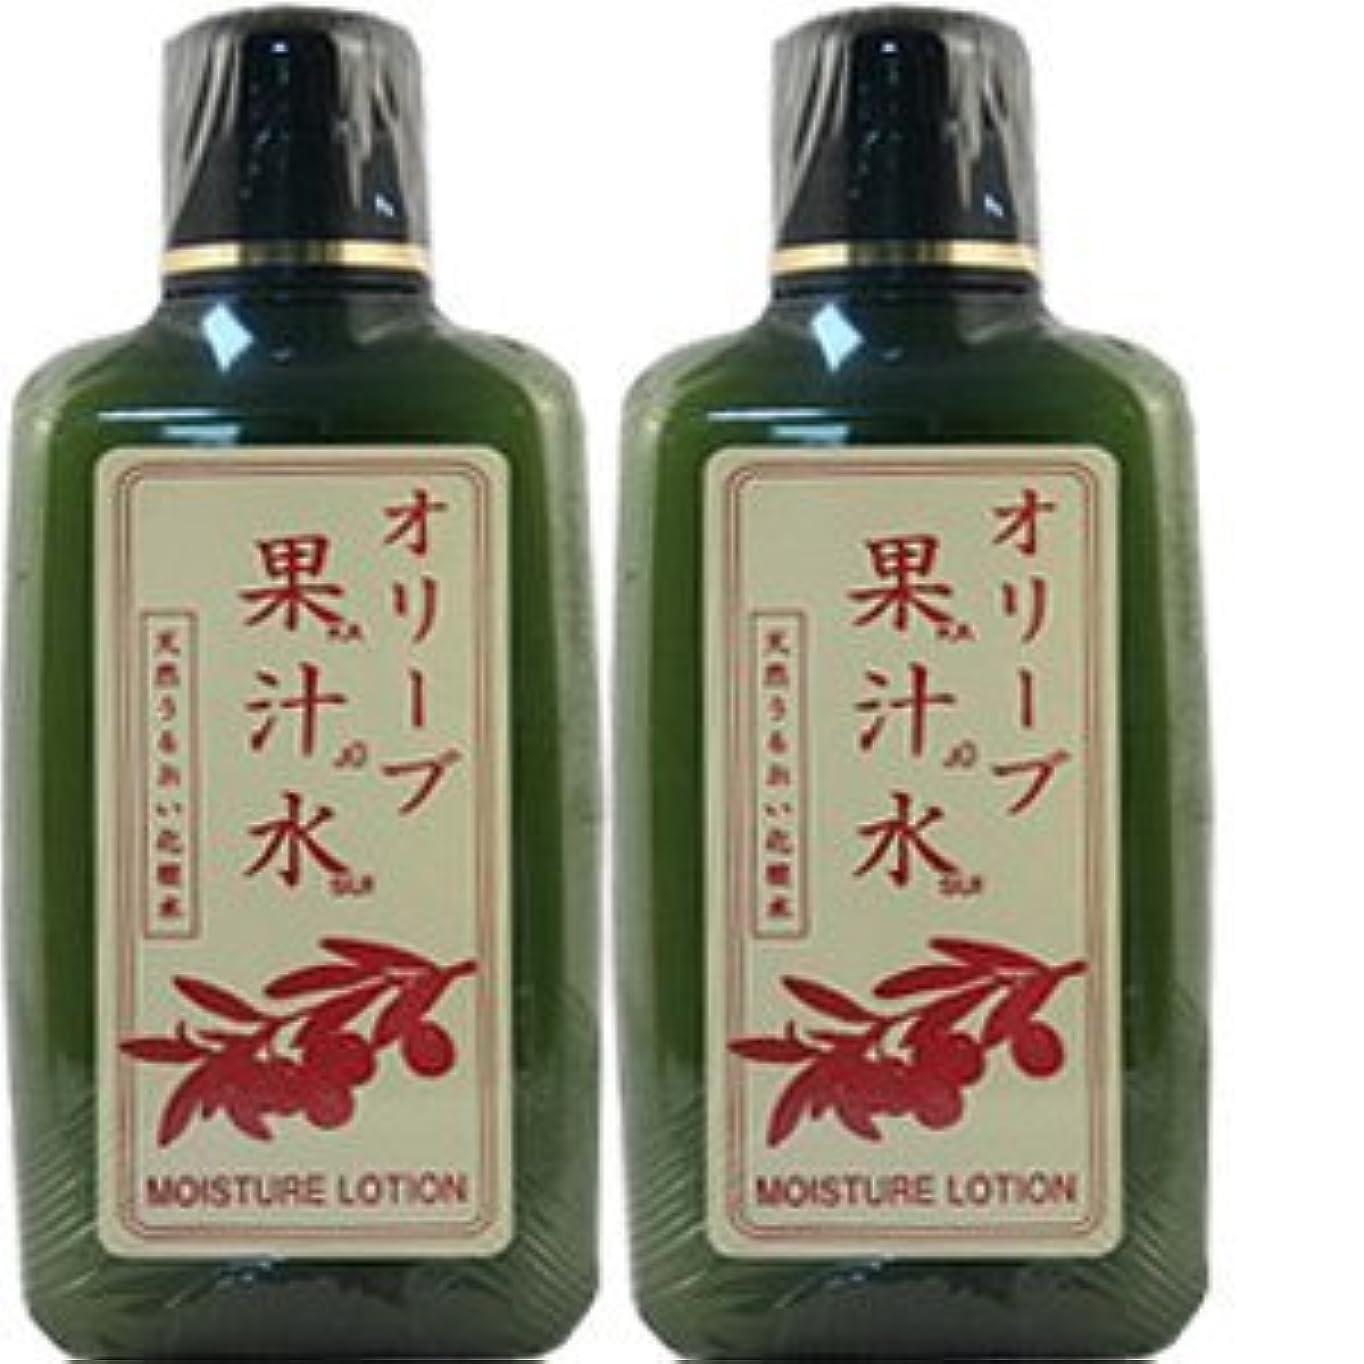 合法回転通貨【2本】 オリーブマノン オリーブ果汁水 180mlx2個(4965363003982)